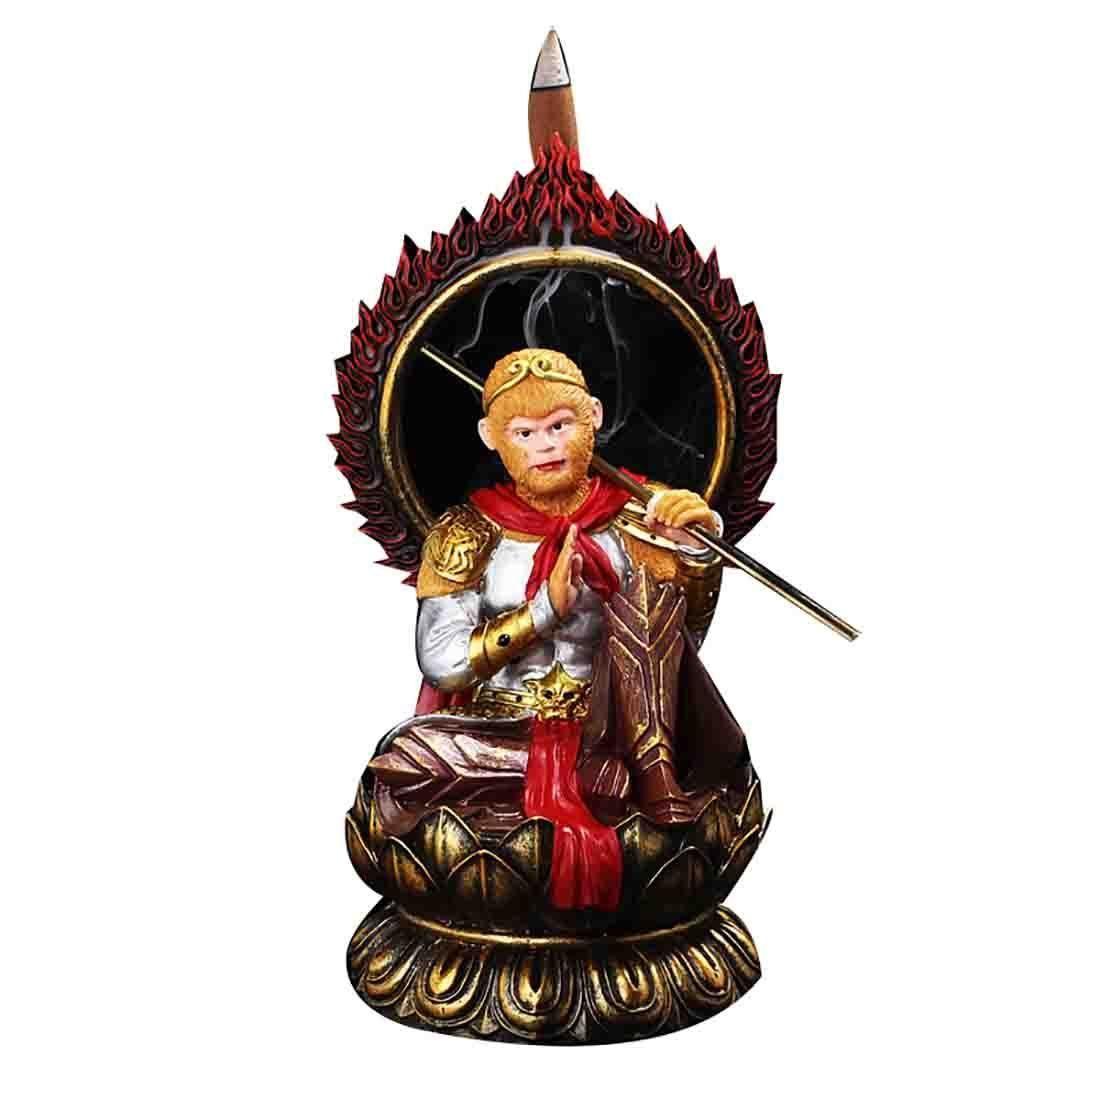 Incense burner chinese mythology Sun Wukong Monkey